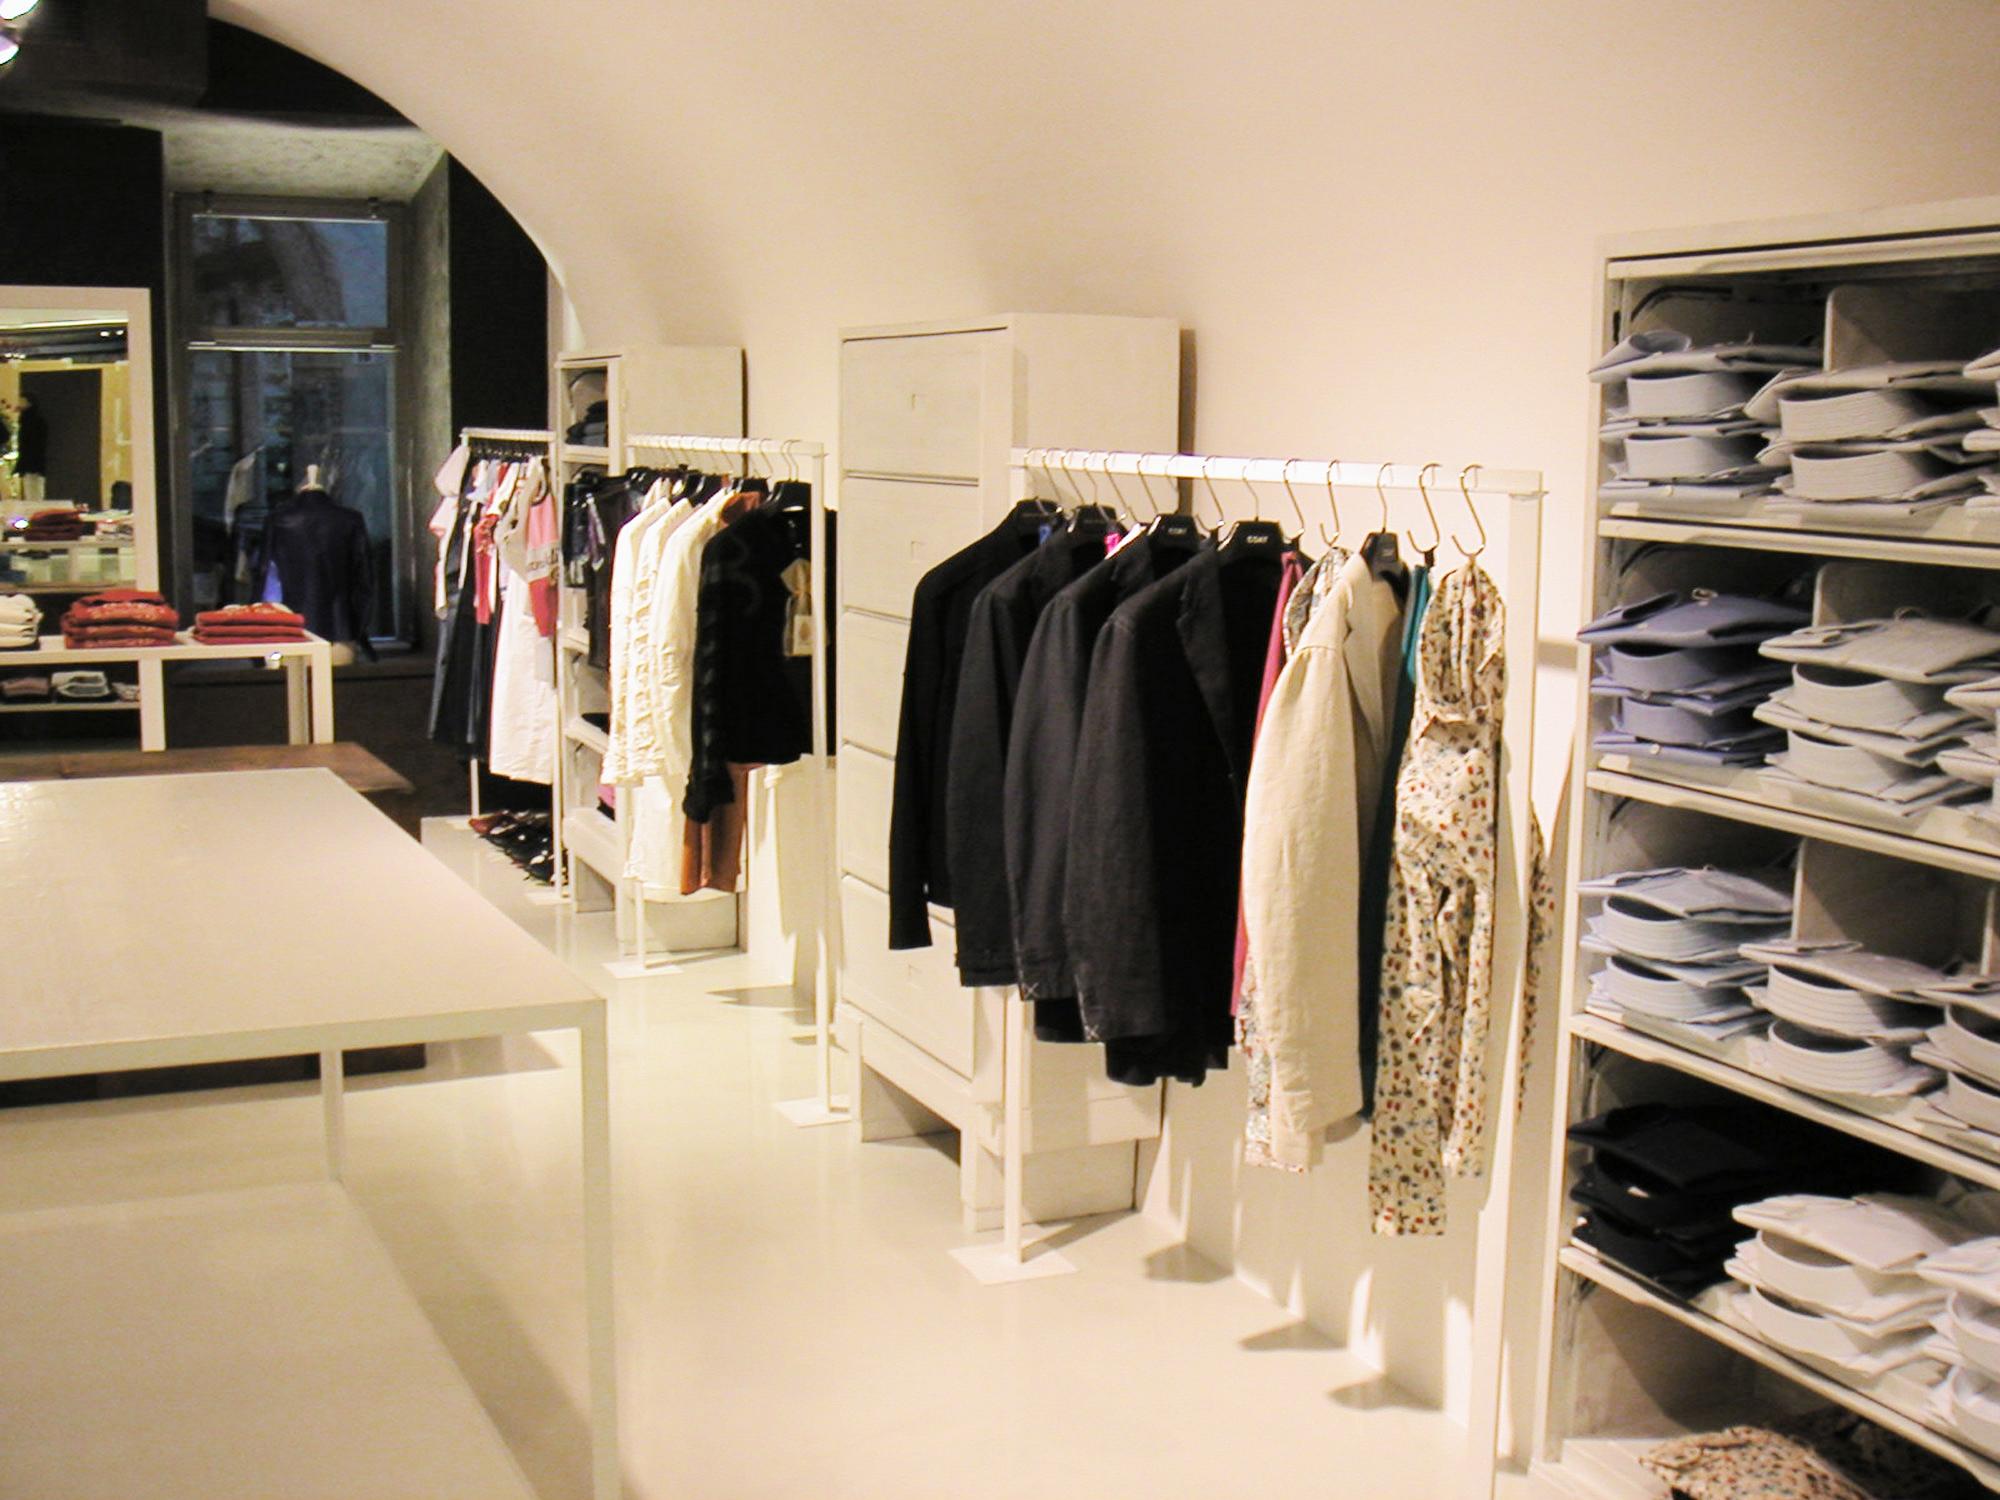 Arredamento moderno negozio abbigliamento trento gm group for Abc arredamenti trento orari